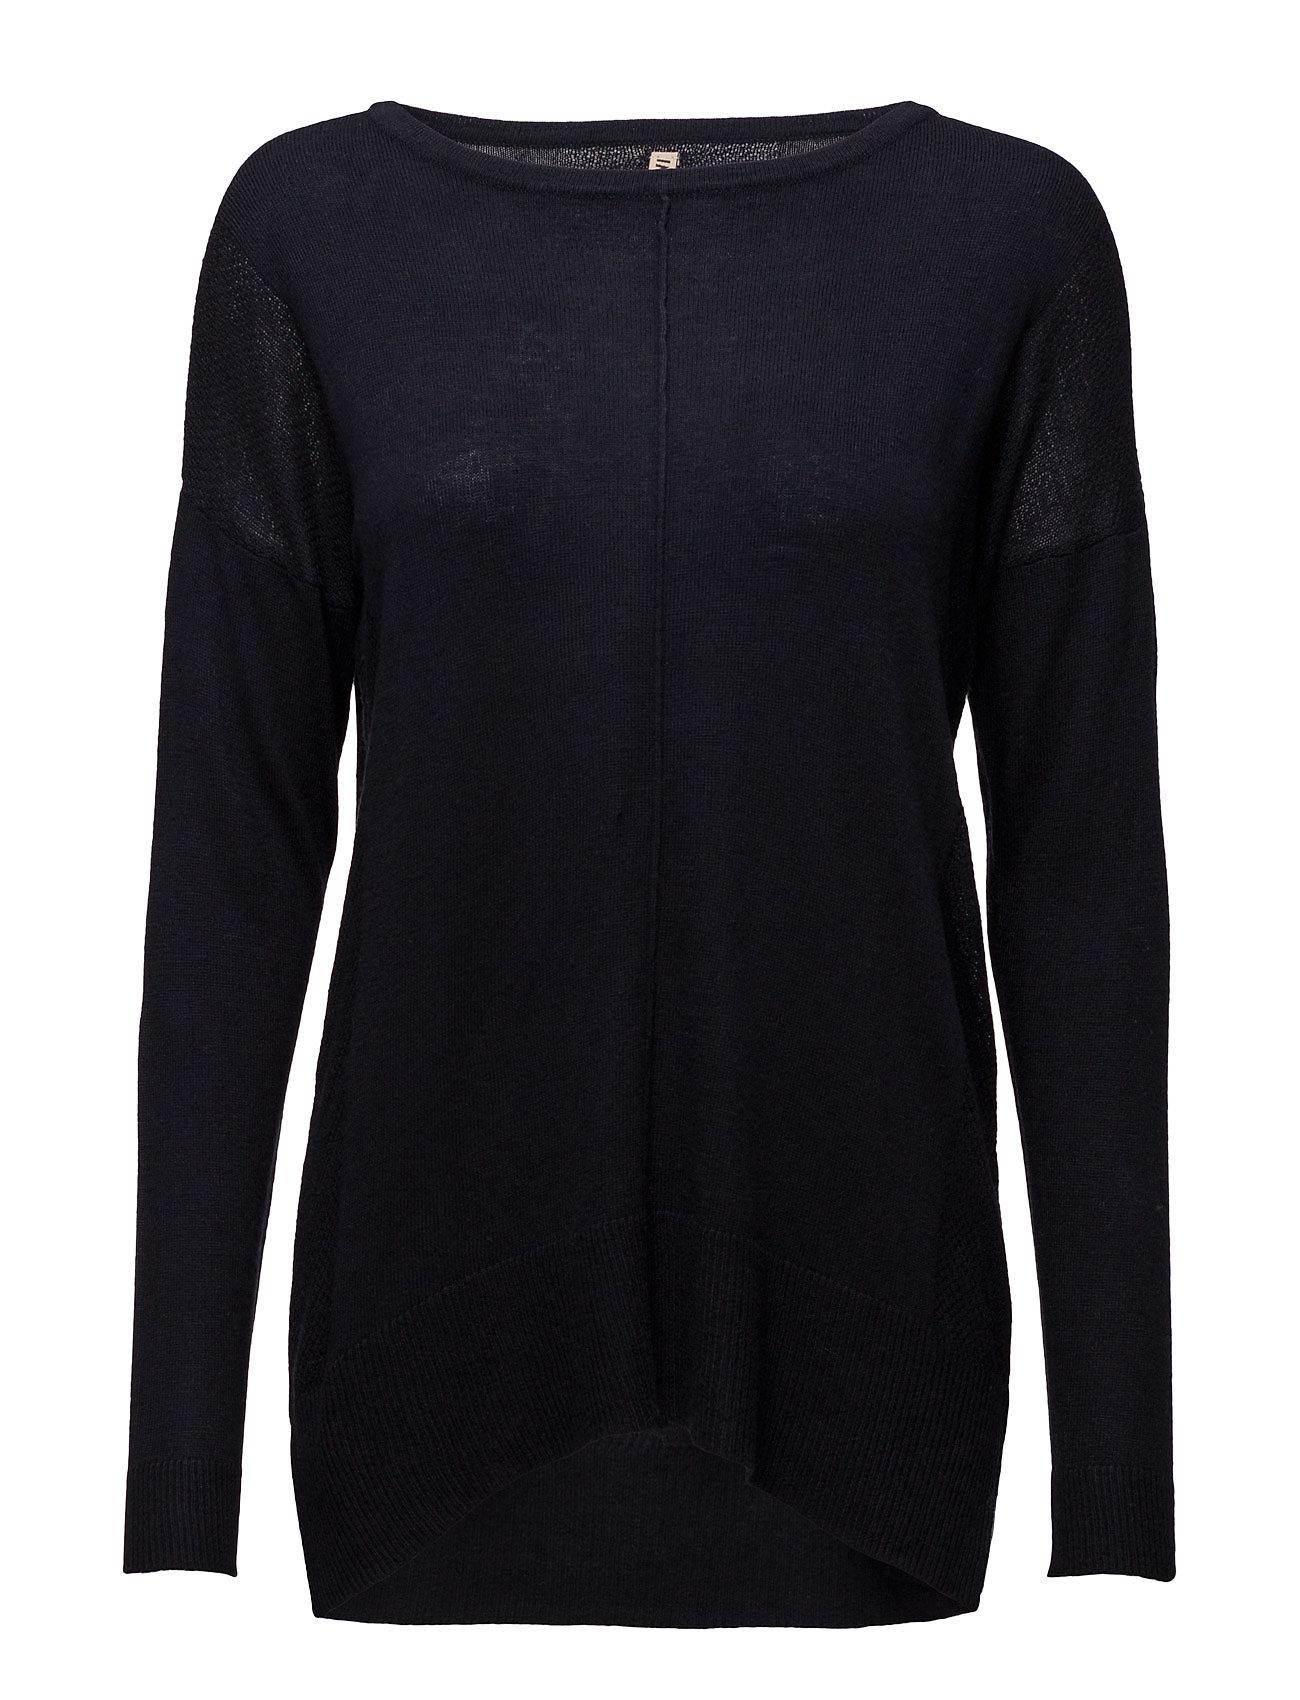 Pullover-Knit Heavy Imitz Sweatshirts til Damer i